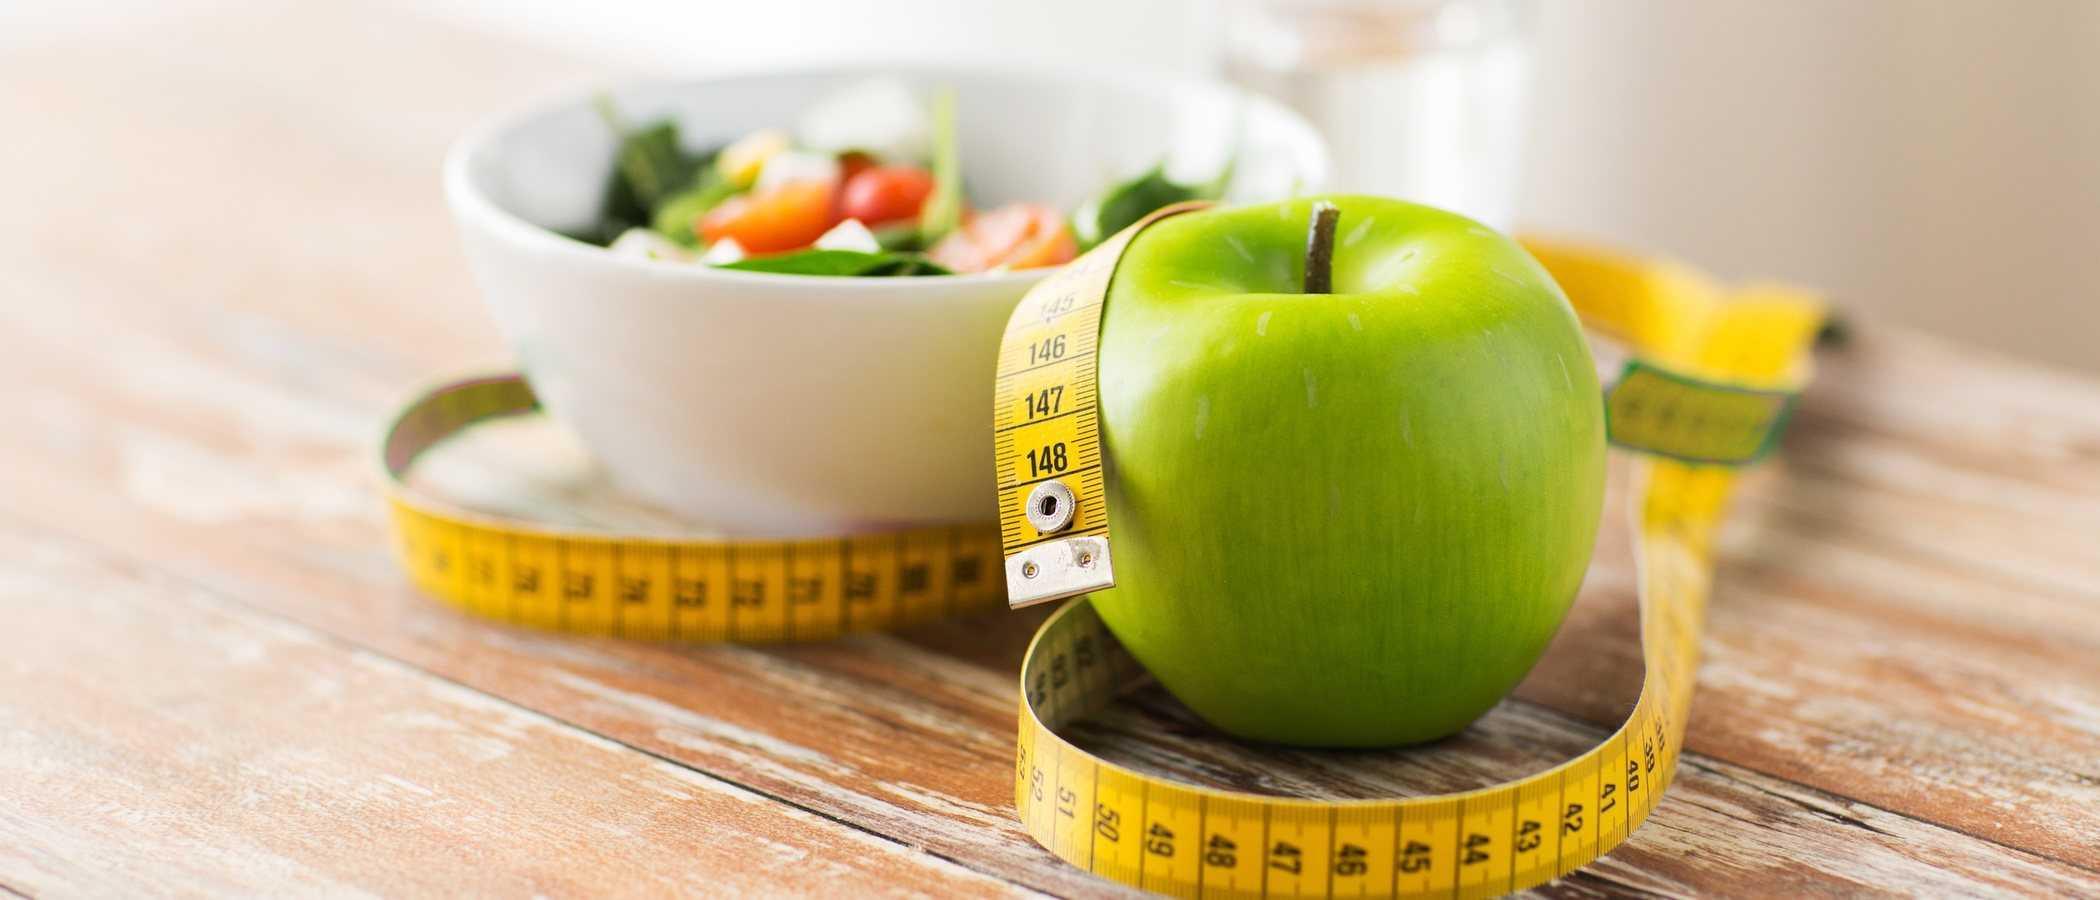 Мандарины при похудении - калорийность продукта, польза и вред